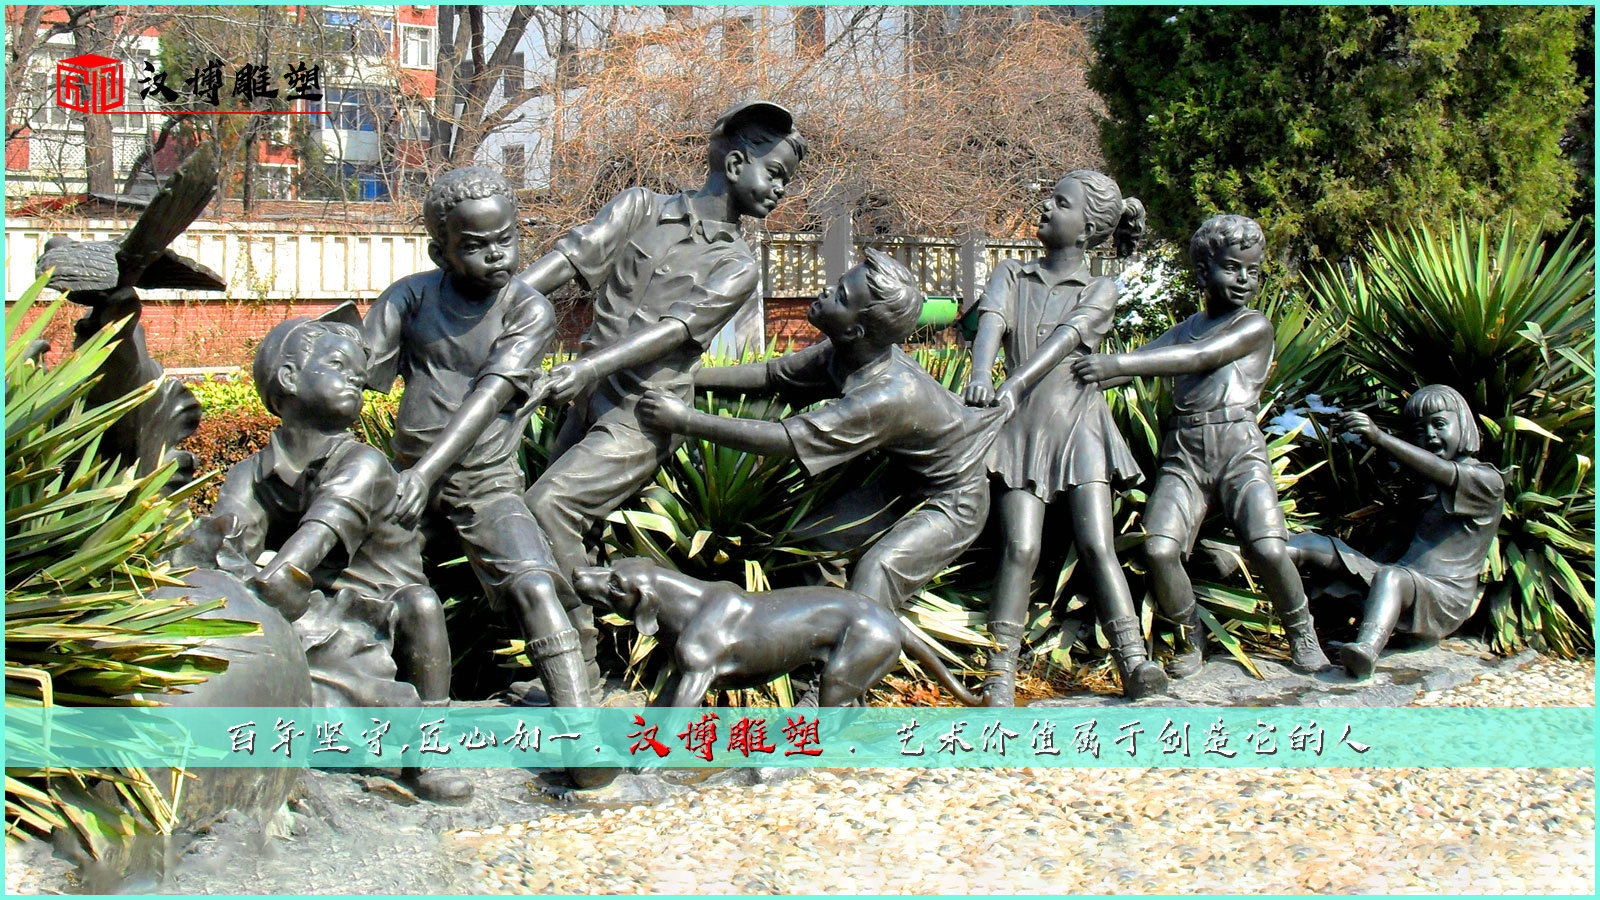 小孩主题雕塑,蓝天下的快乐成长